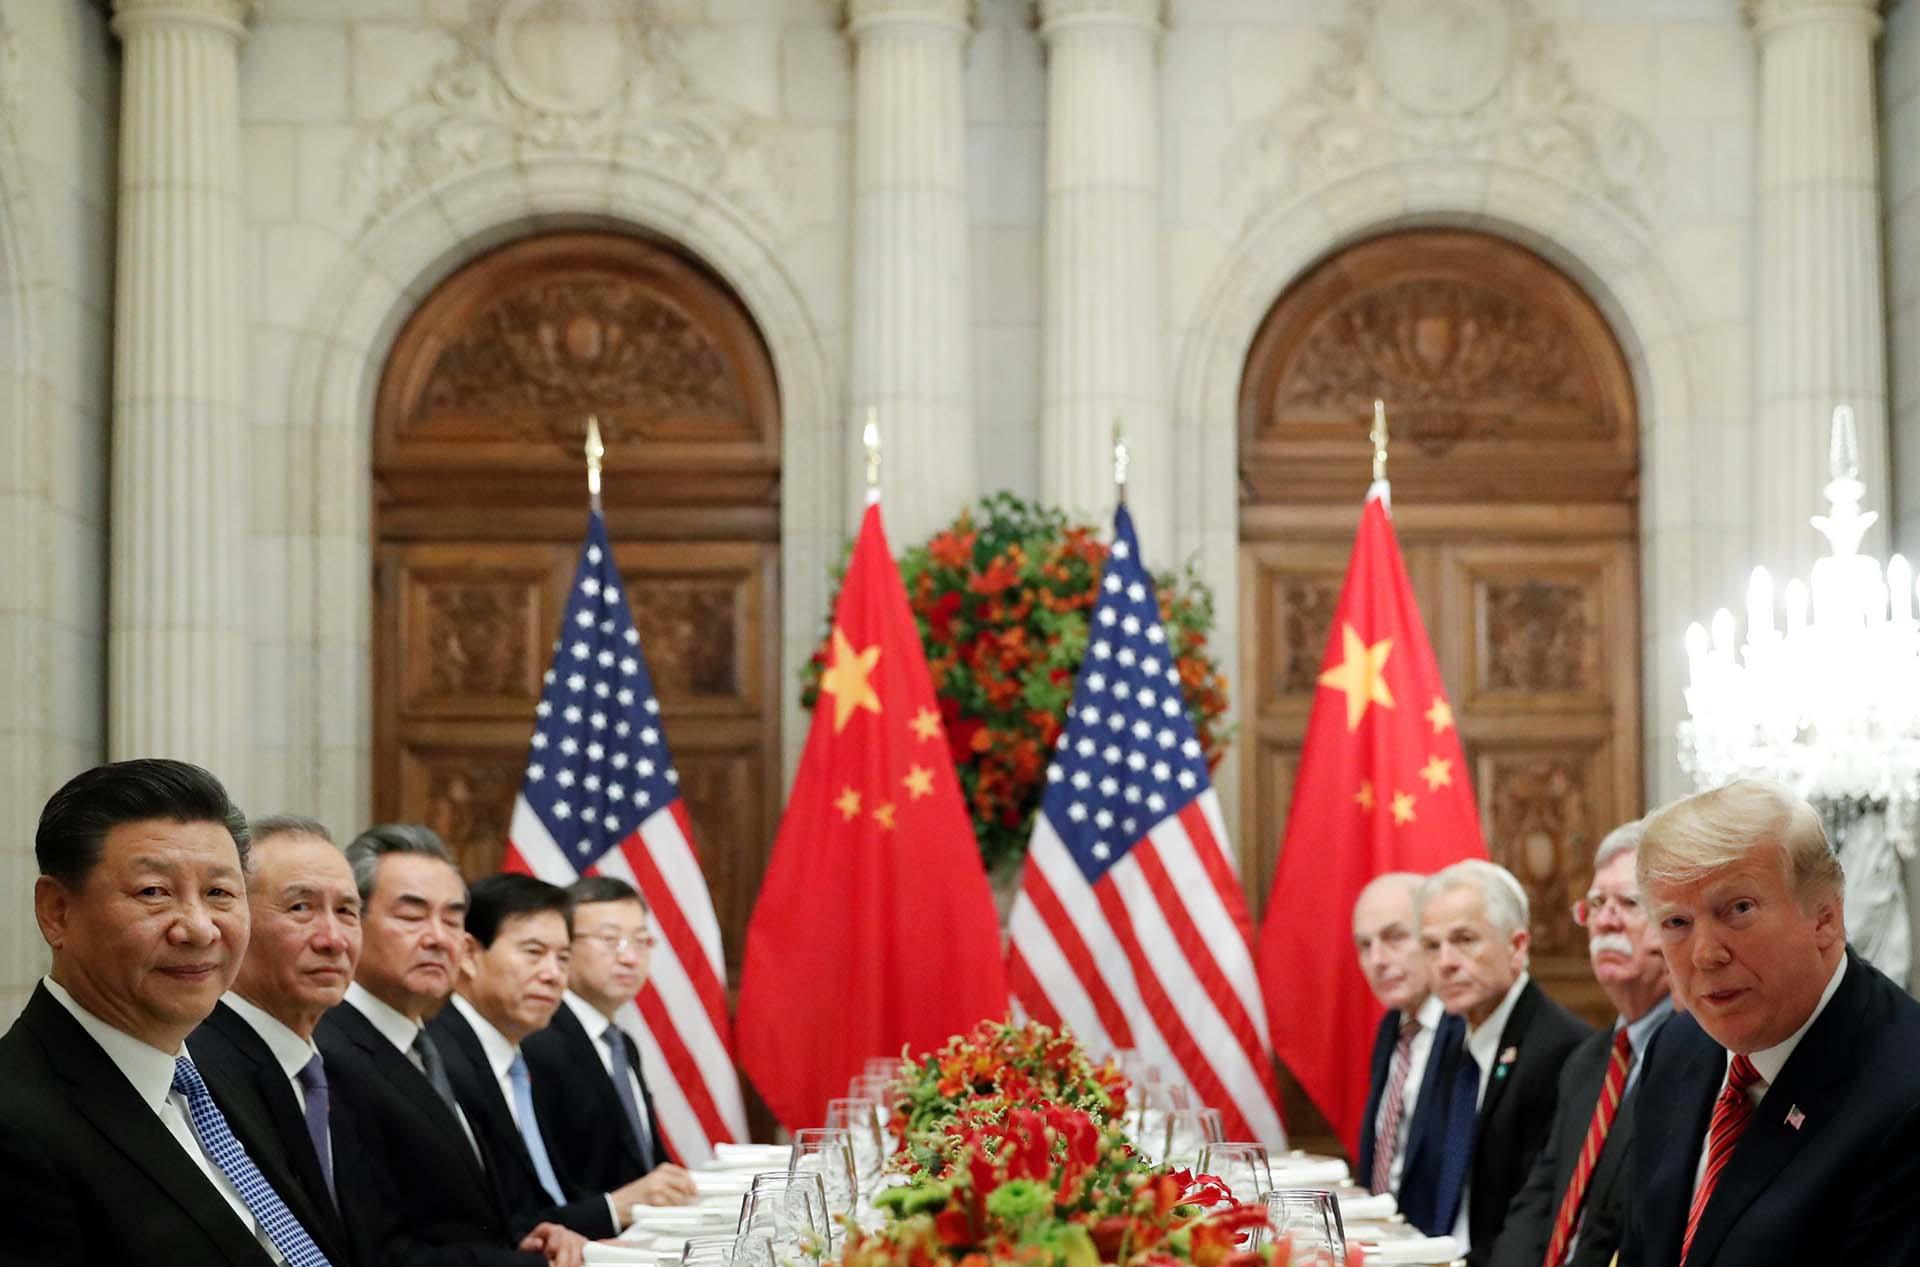 Donald Trumpy Xi Jinpingse reunieron tras el fin de la cumbre